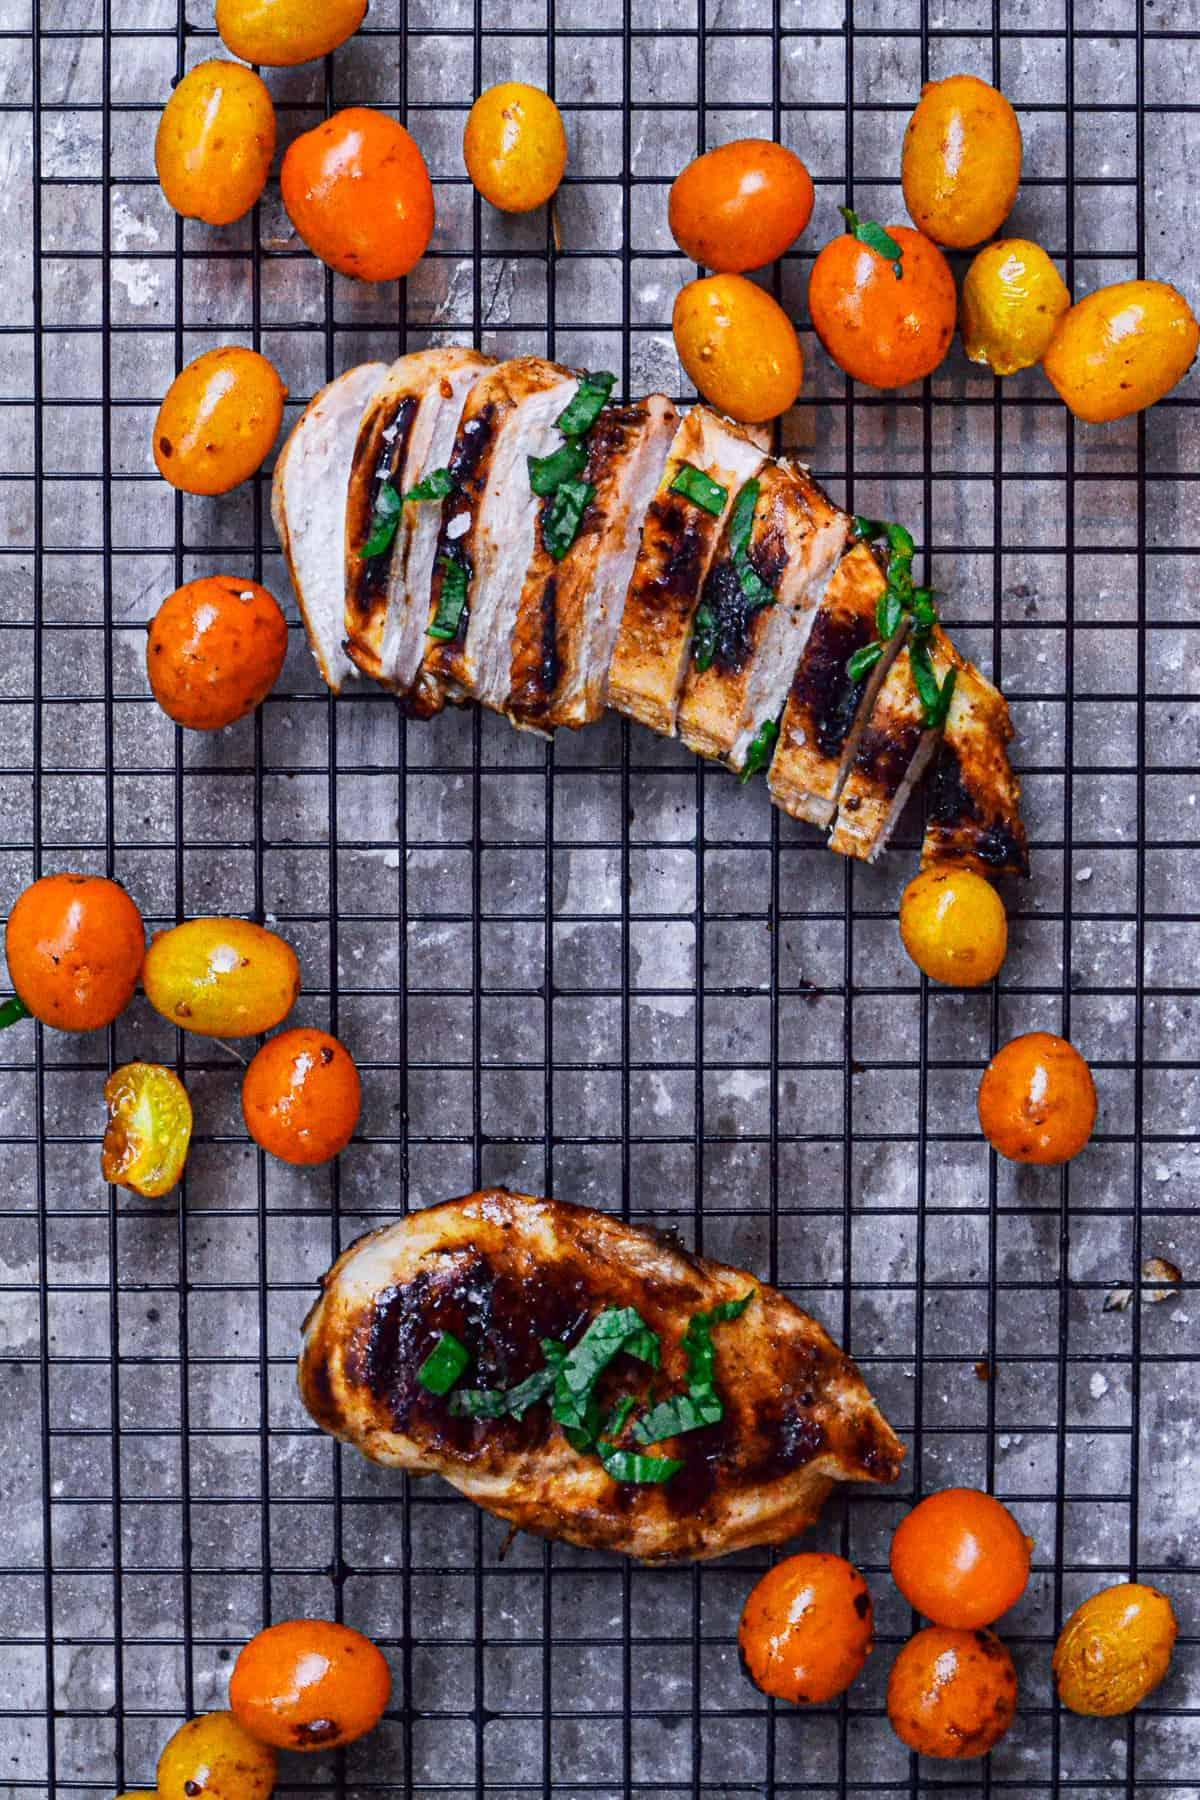 sliced chicken breast